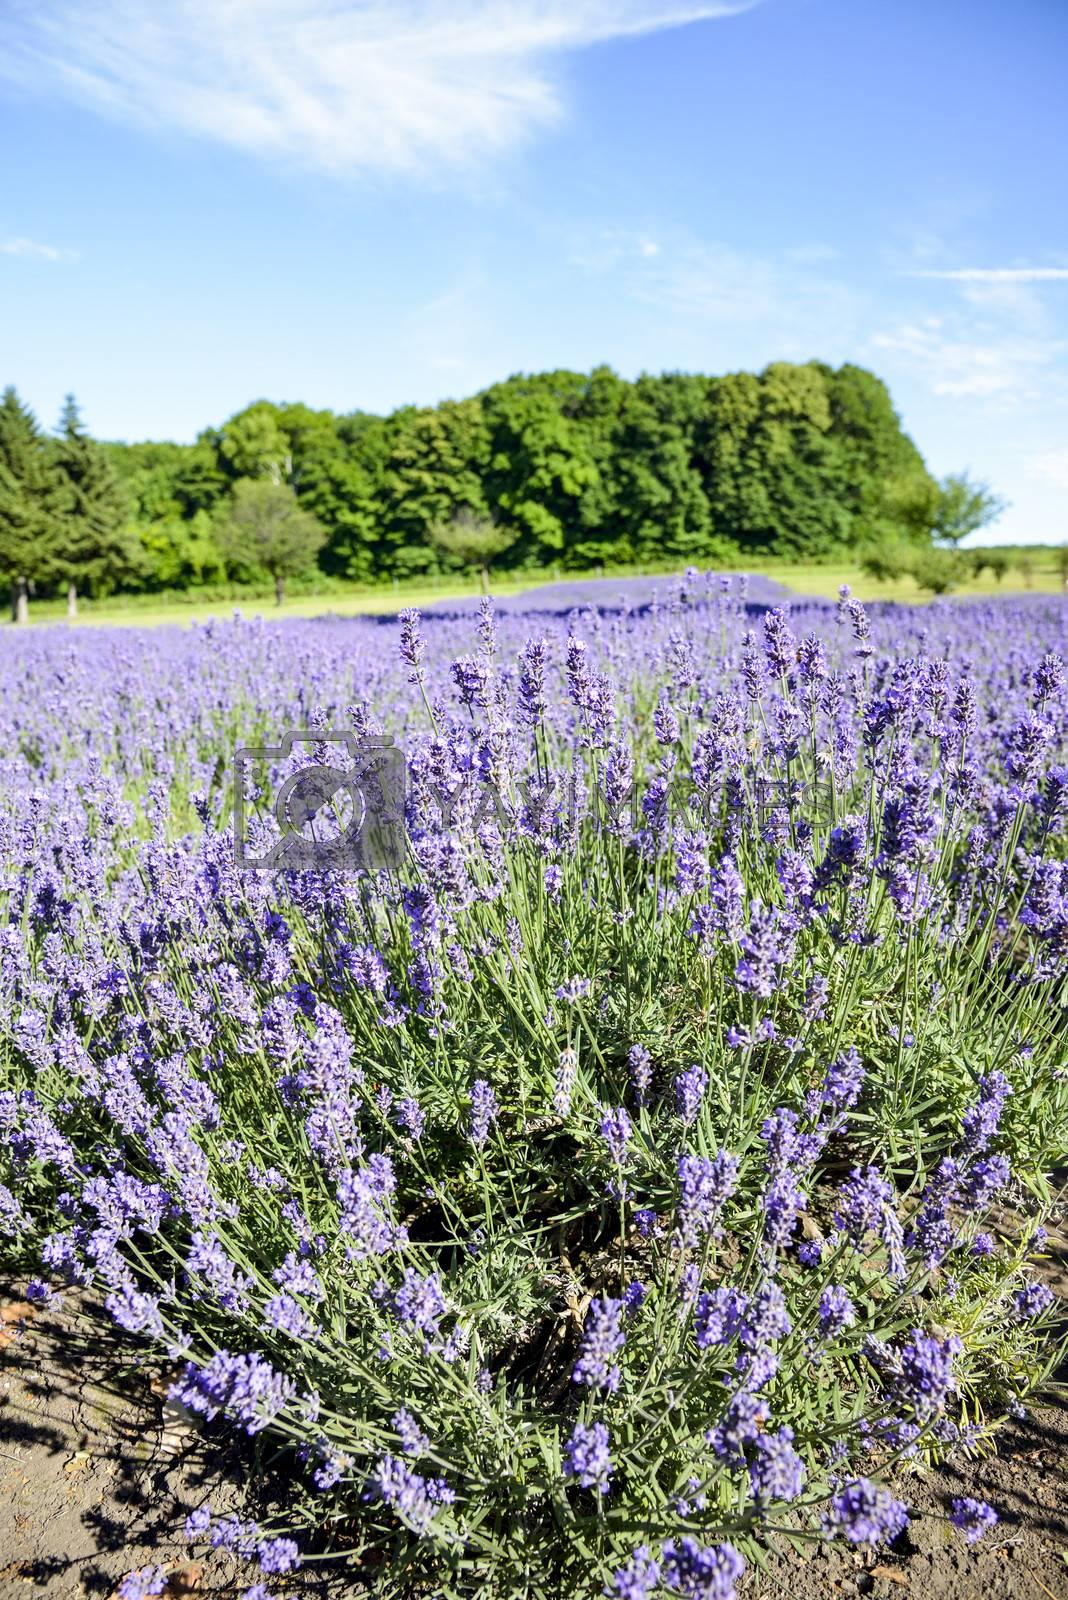 Lavender flower garden1 by gjeerawut